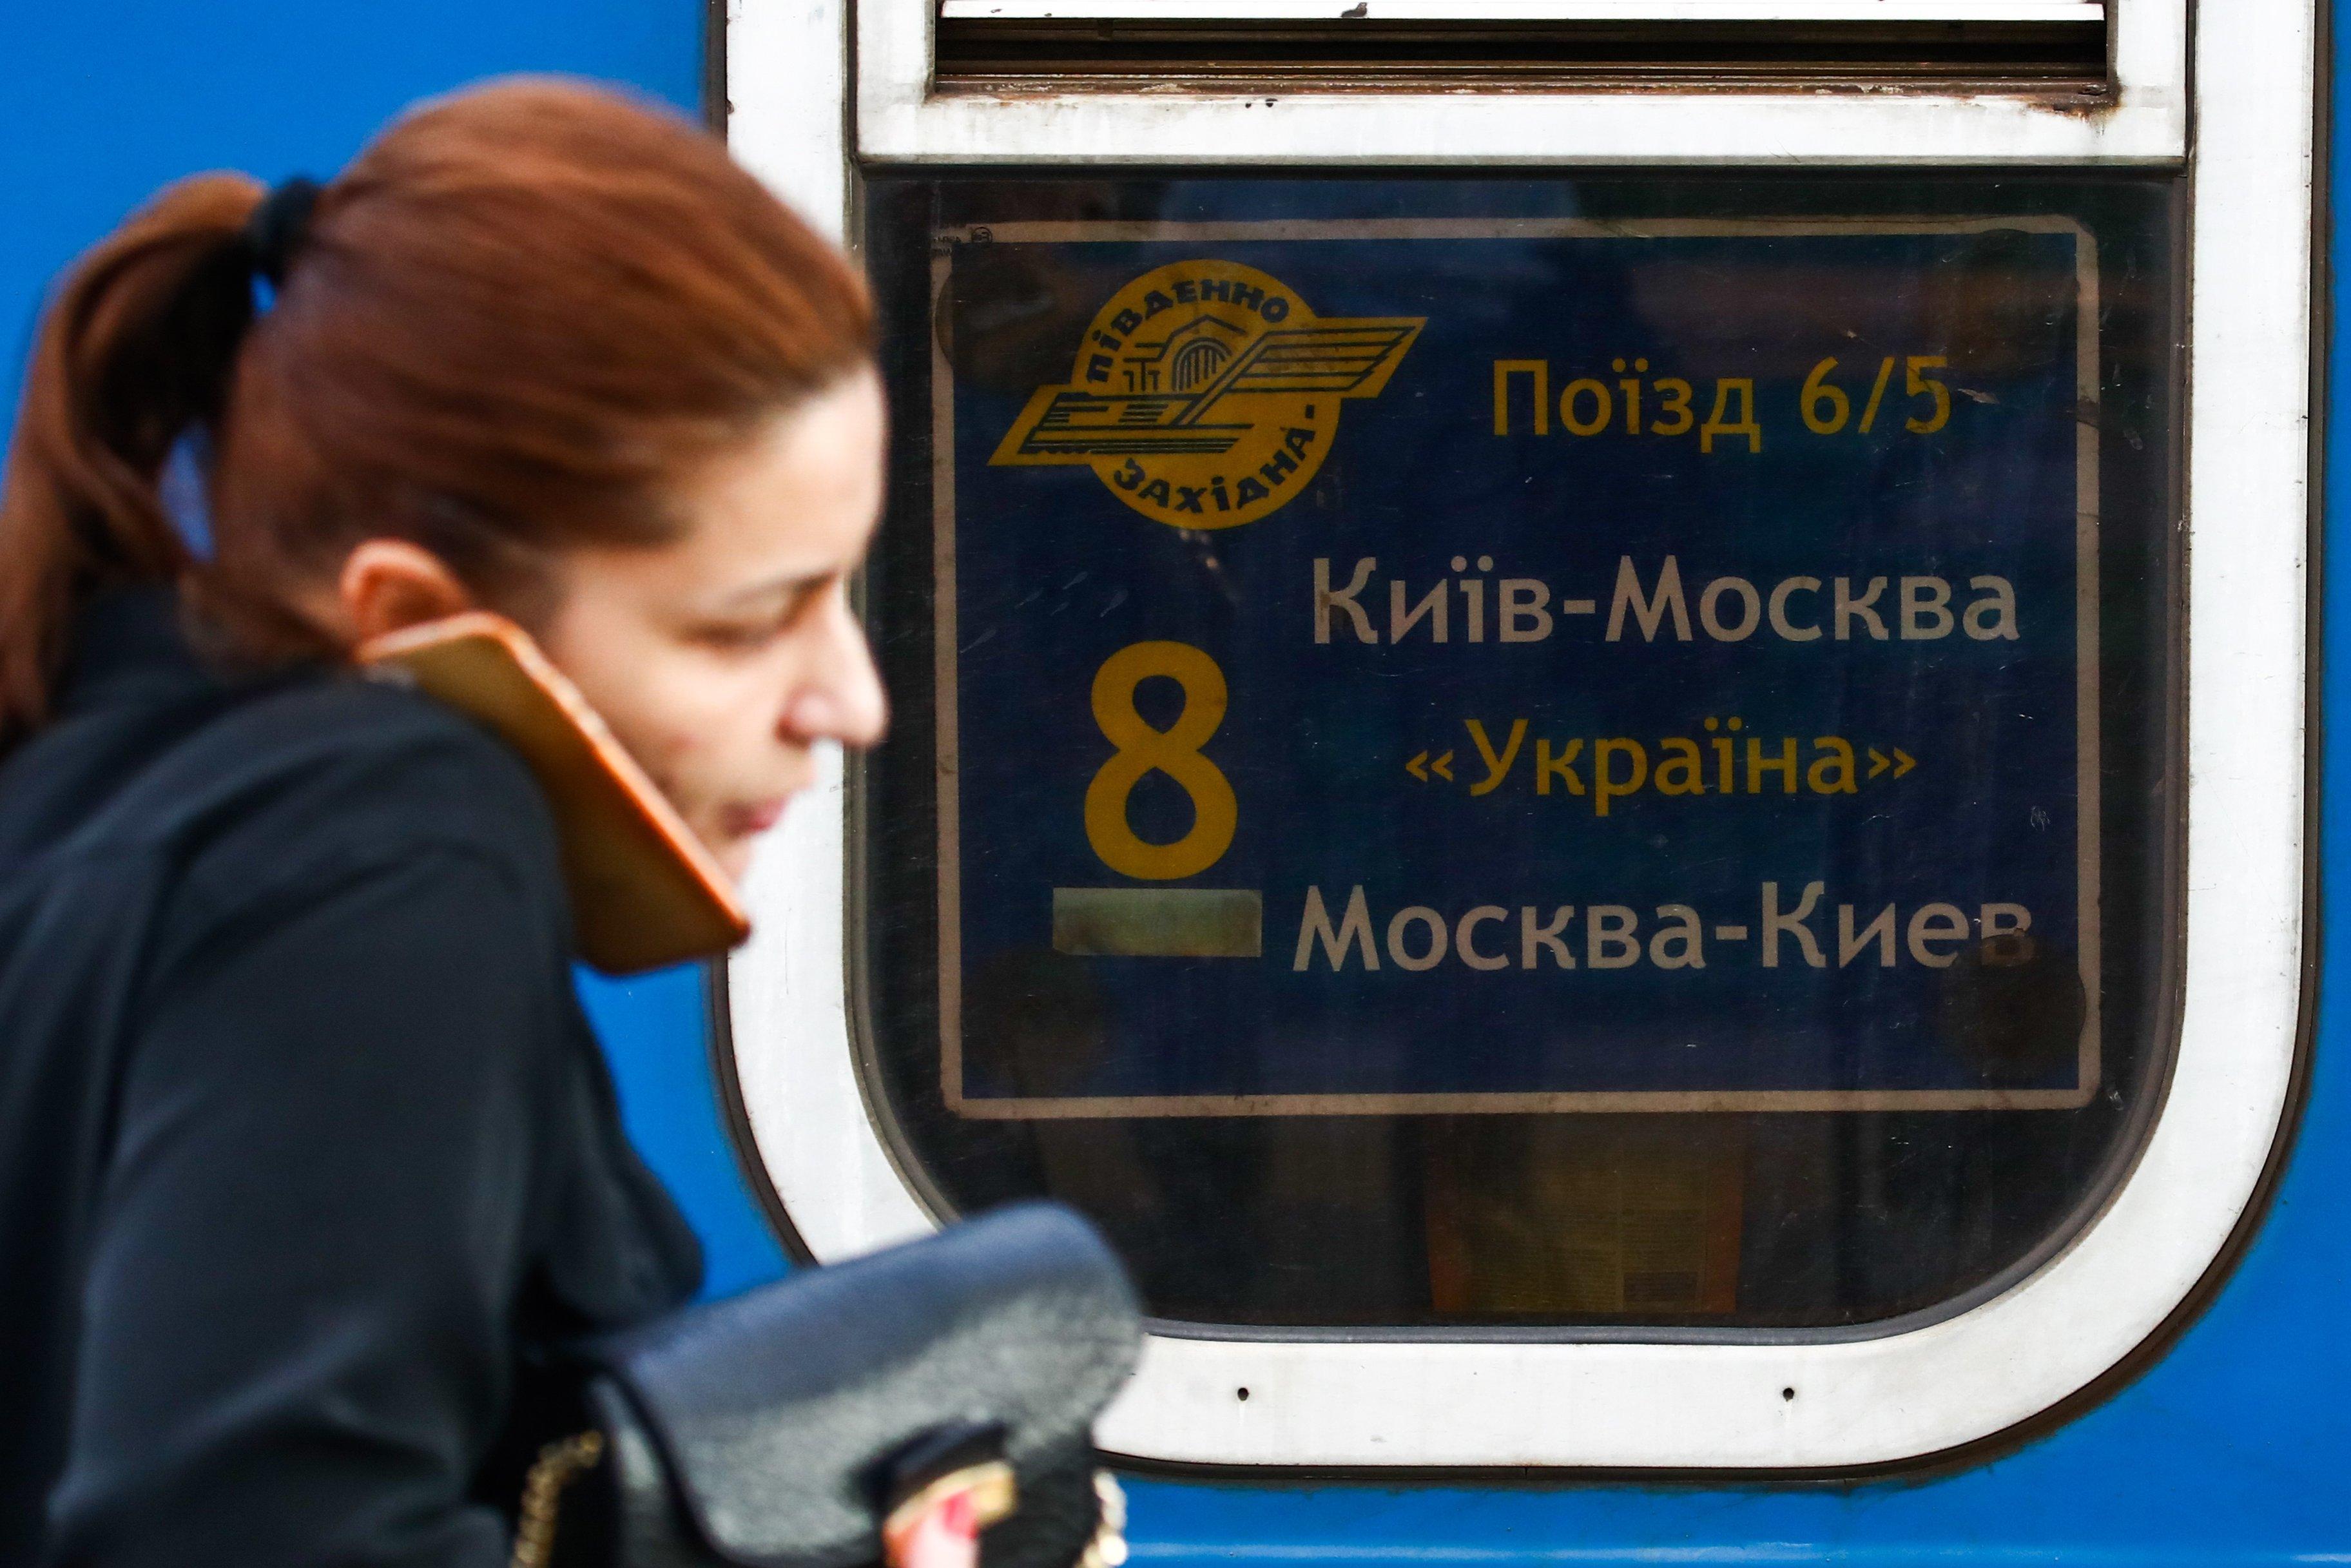 A woman walks by a Kiev-Moscow train in Kiev. File photo